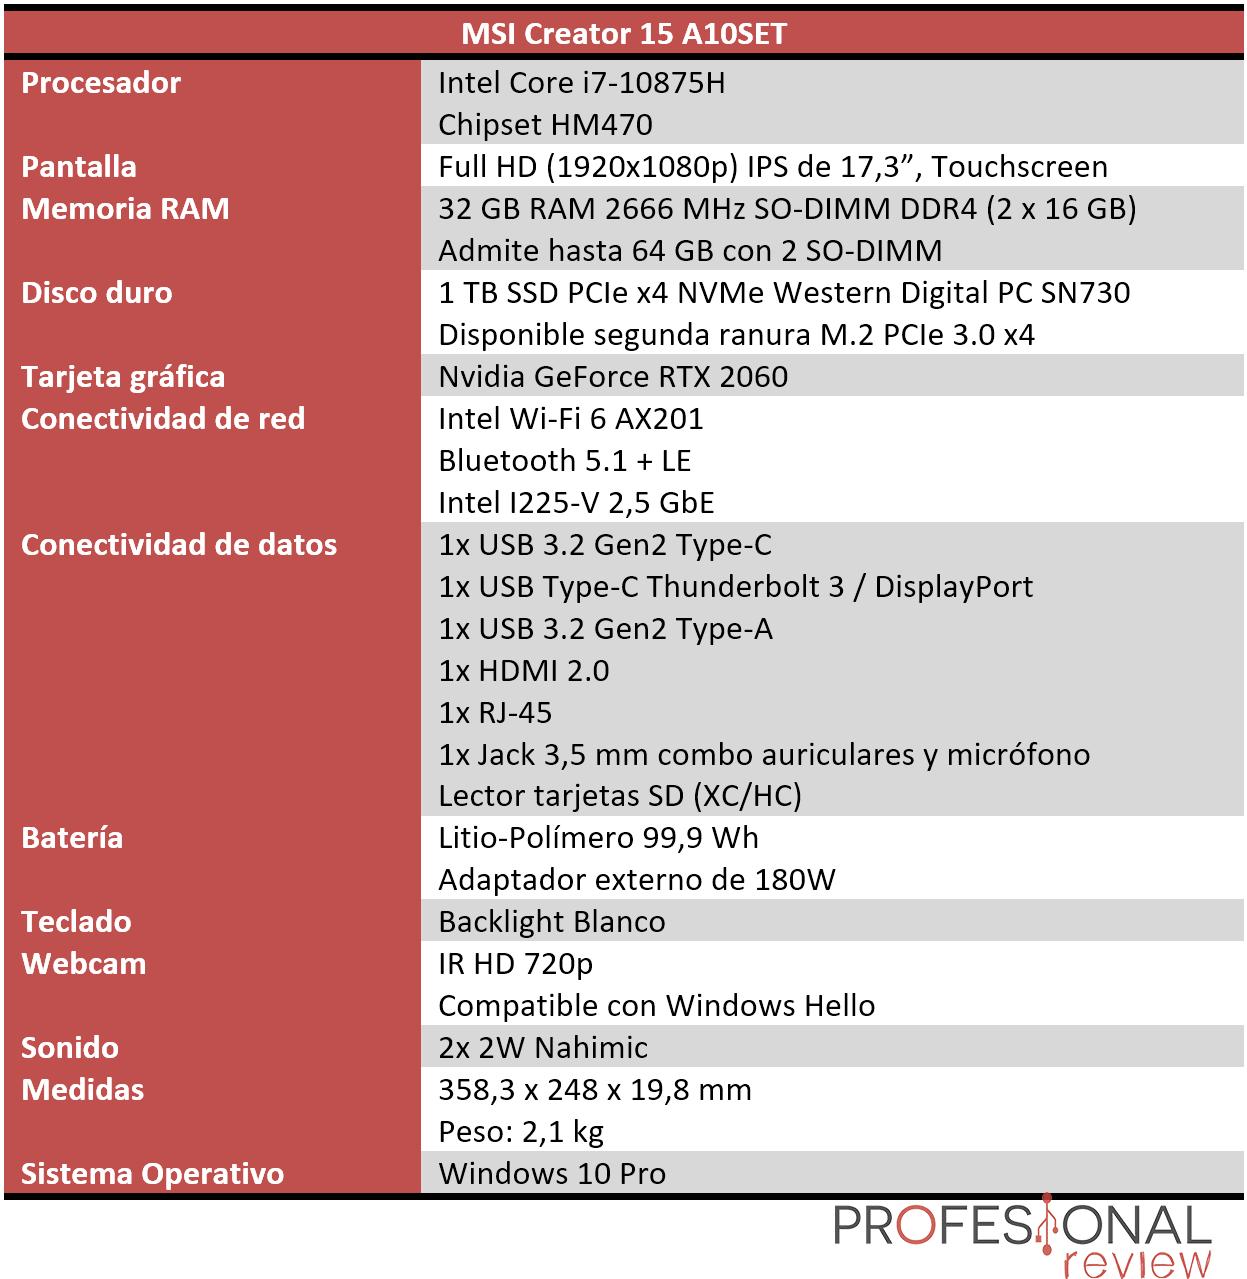 MSI Creator 15 A10SET Características